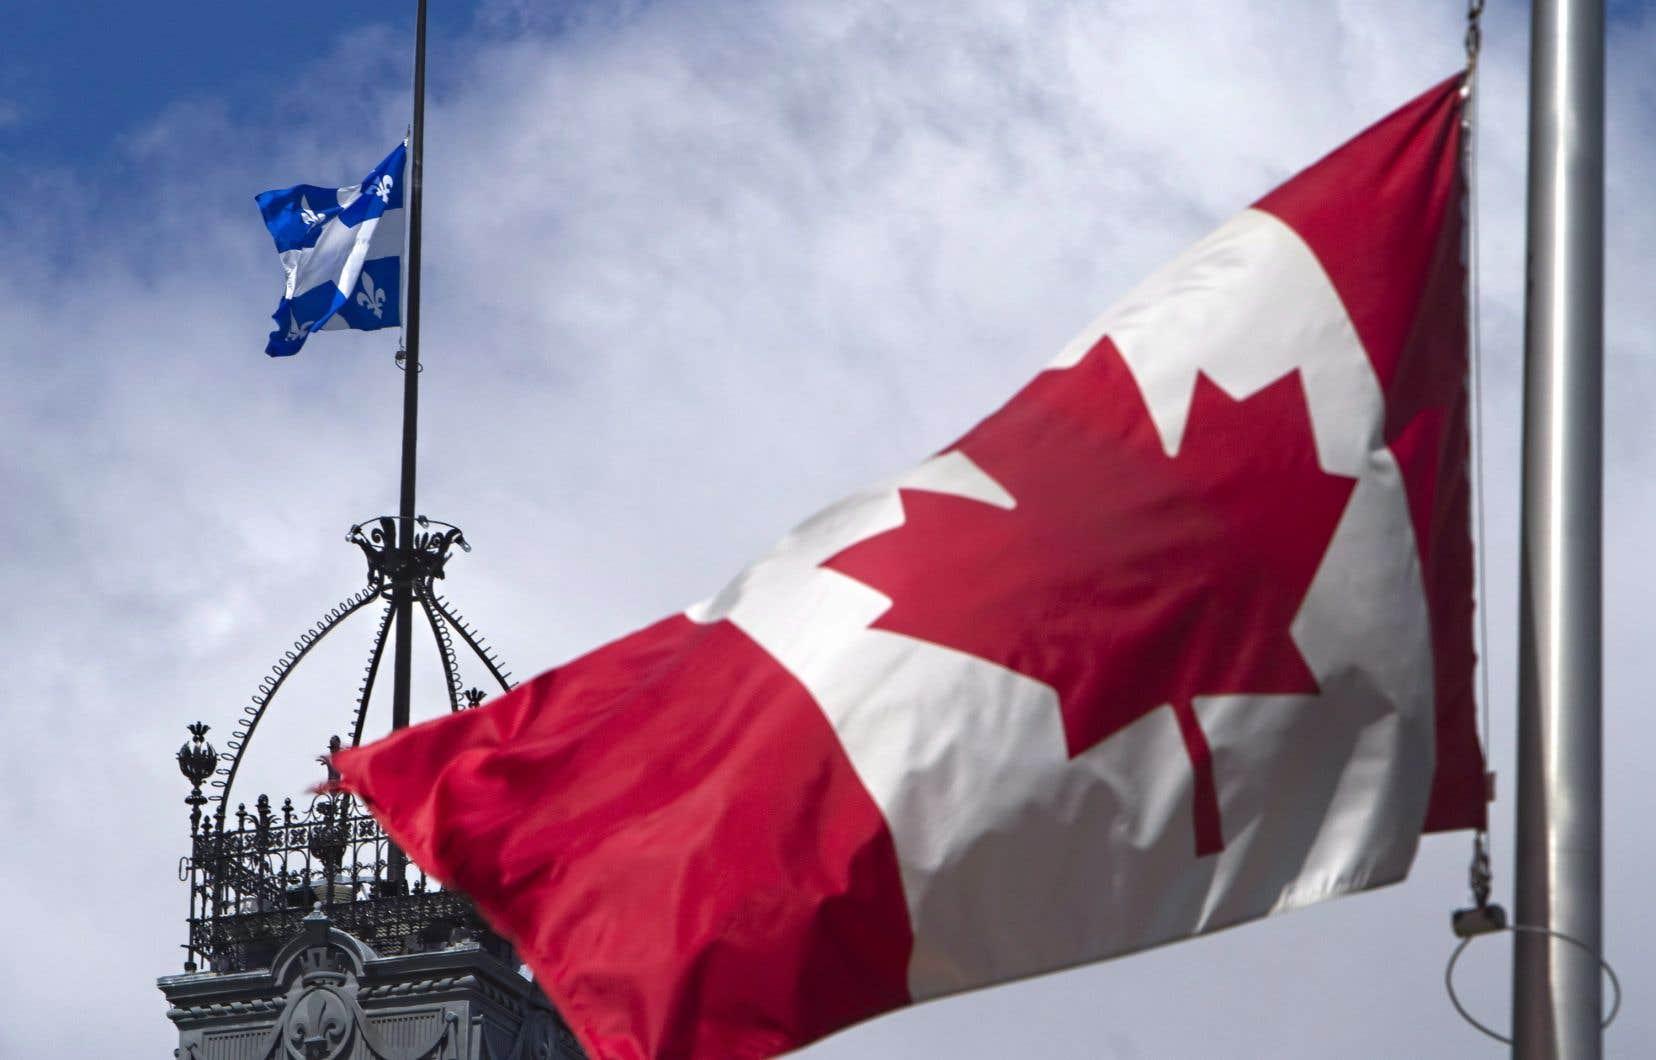 «Dans les faits, le Canada ne reconnaît aucun pouvoir constituant au peuple, qu'il soit québécois ou canadien.»